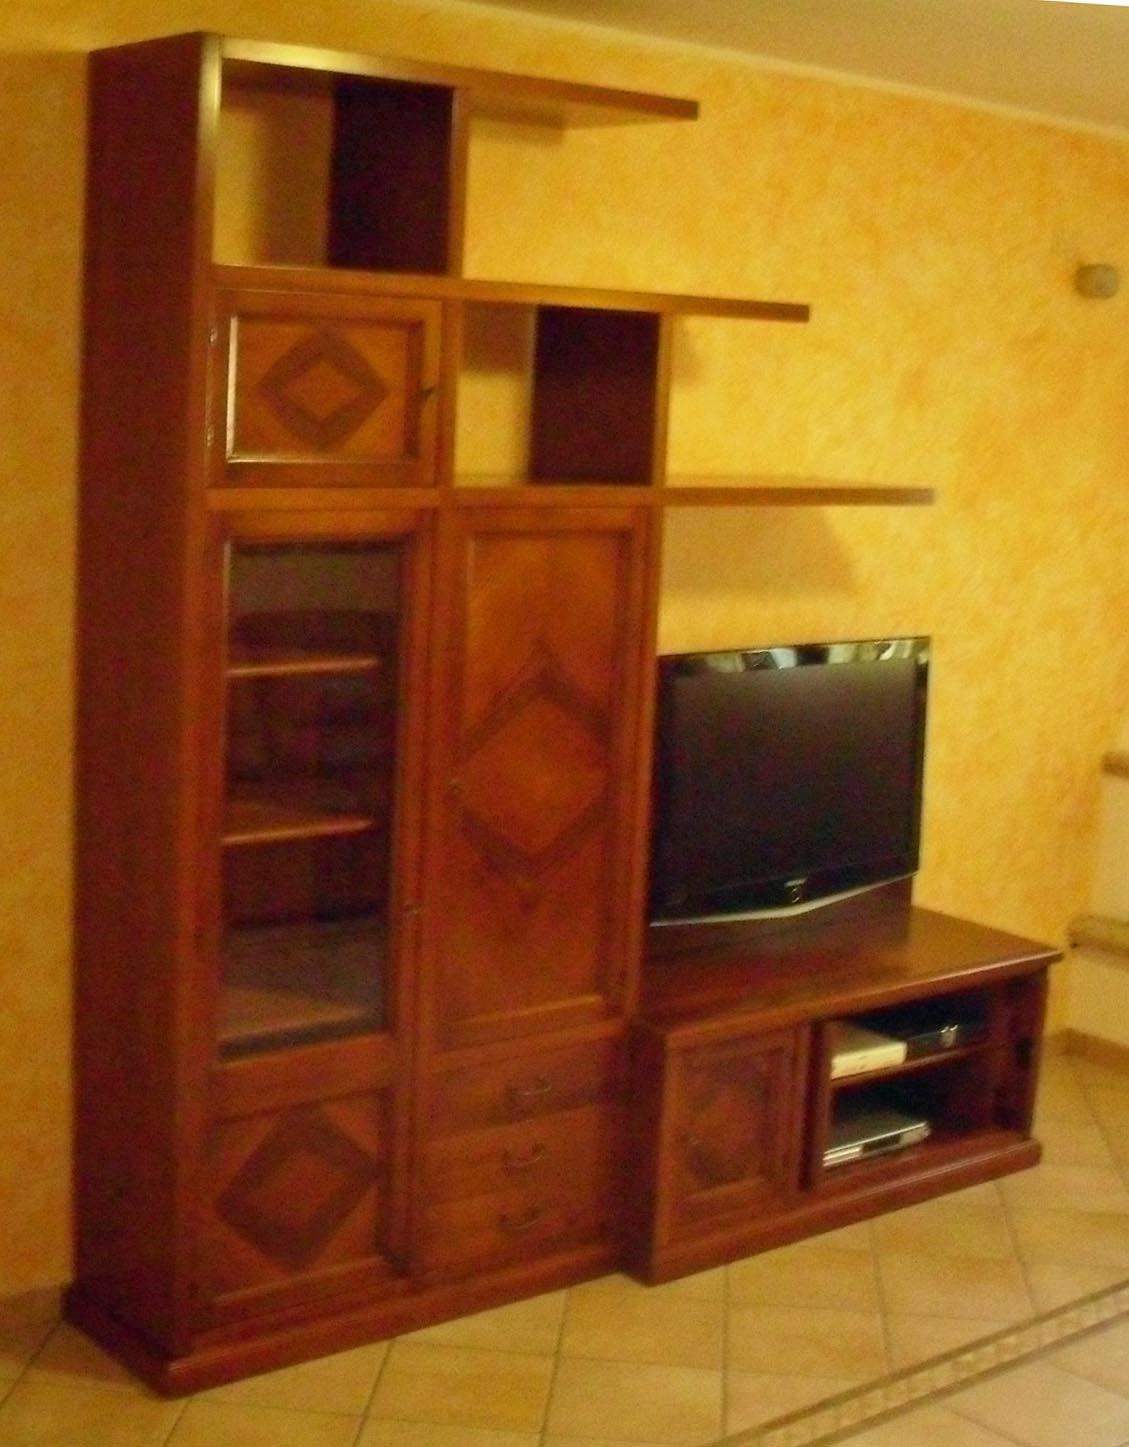 Mobile soggiorno classico su misura noce massello la for Mobile soggiorno classico